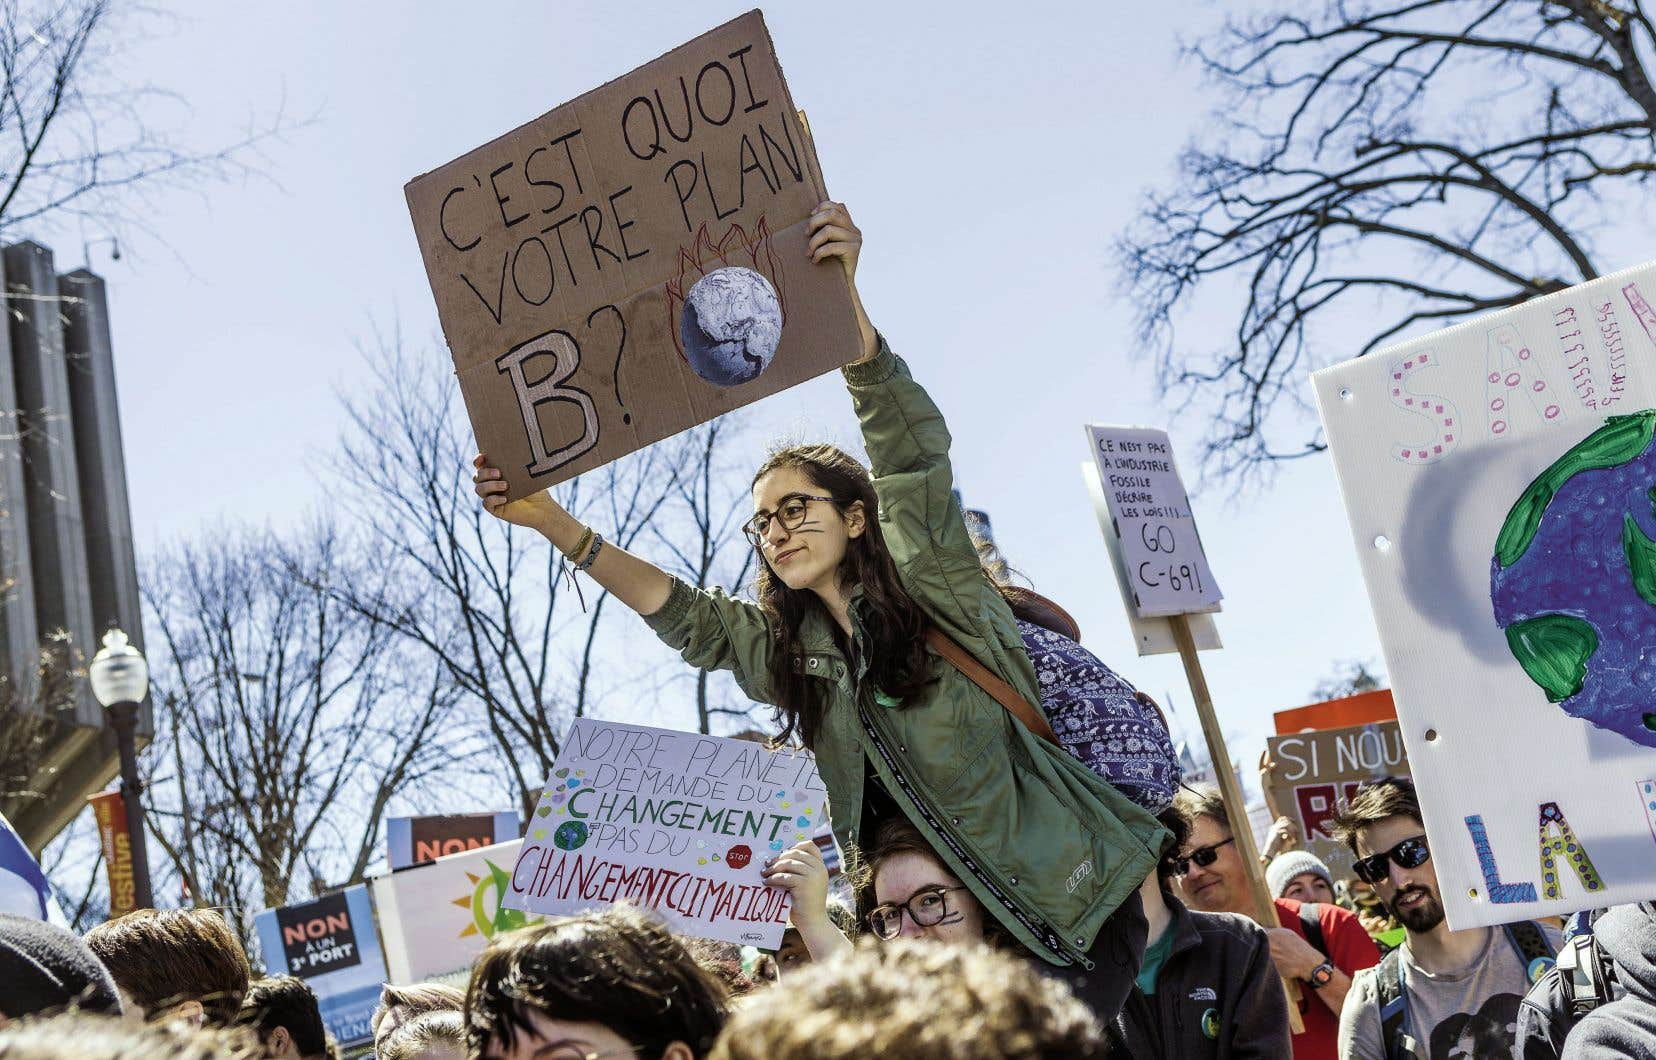 L'an dernier, dans le cadre du Jour de la Terre, des milliers de manifestants s'étaient réunis devant l'Assemblée nationale à Québec pour demander au gouvernement d'adopter des mesures concrètes pour lutter contre les changements climatiques.